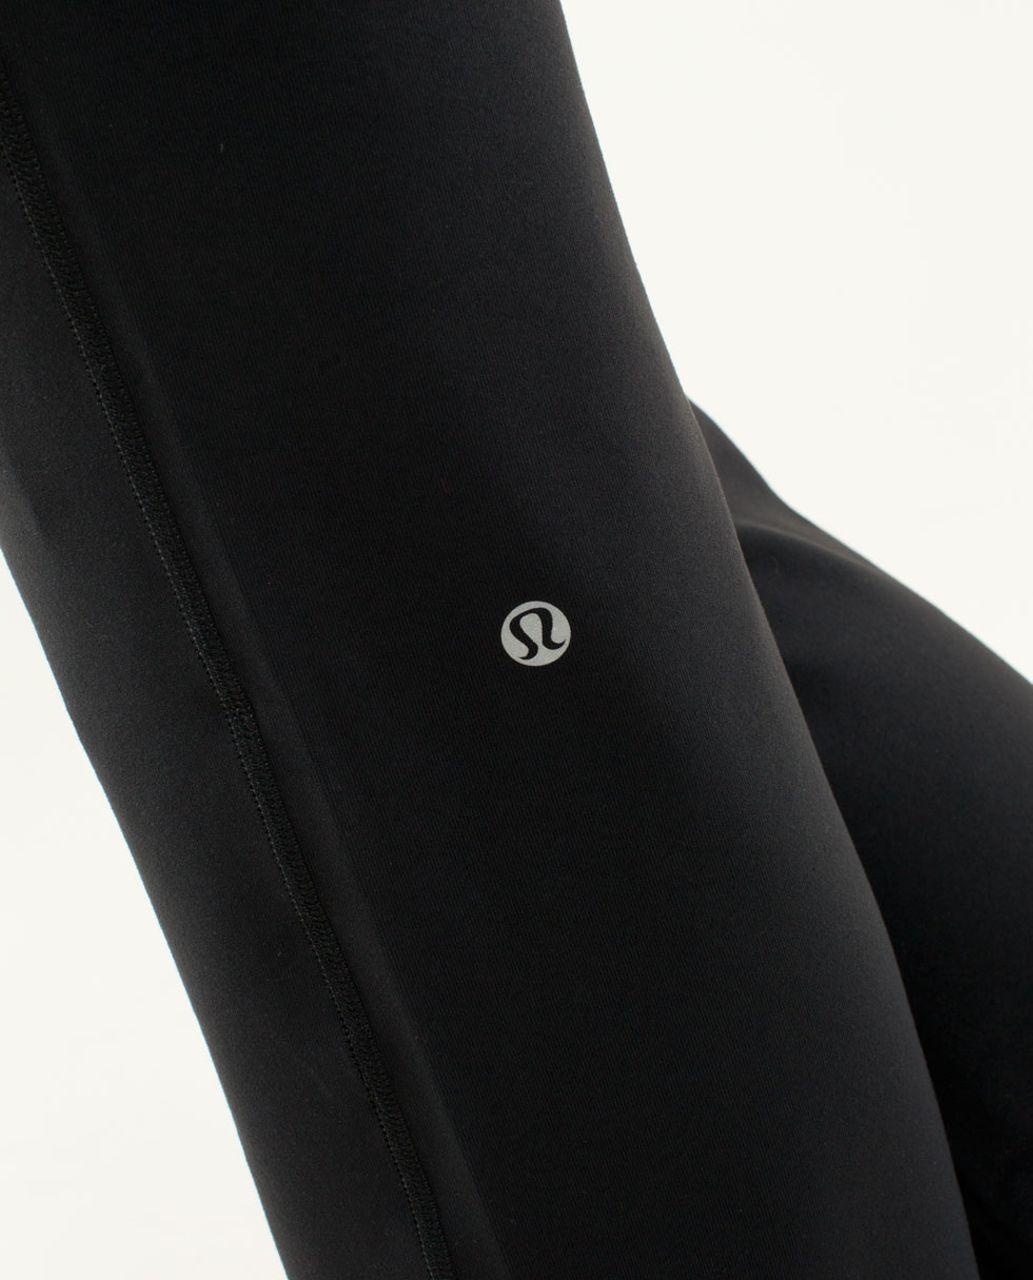 Lululemon Astro Pant (Tall) - Black / Midnight Iris Multi / Split Pea